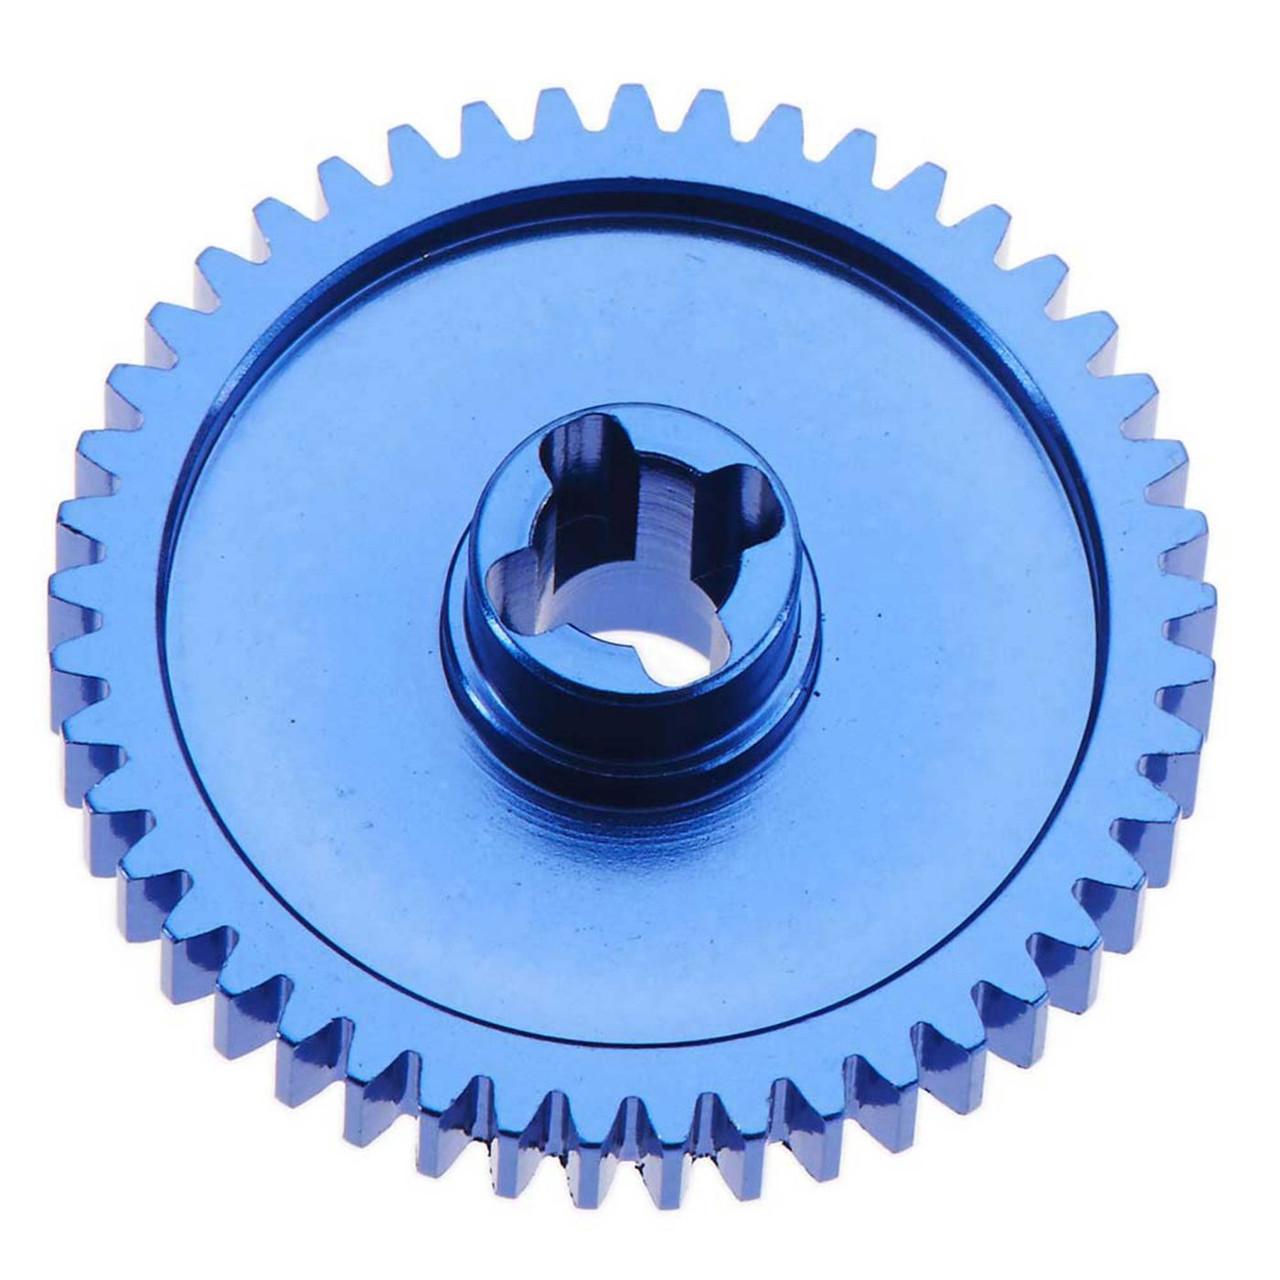 Dromida C1105 - Aluminum Spur Gear 45T Blue BX MT SC 4.18